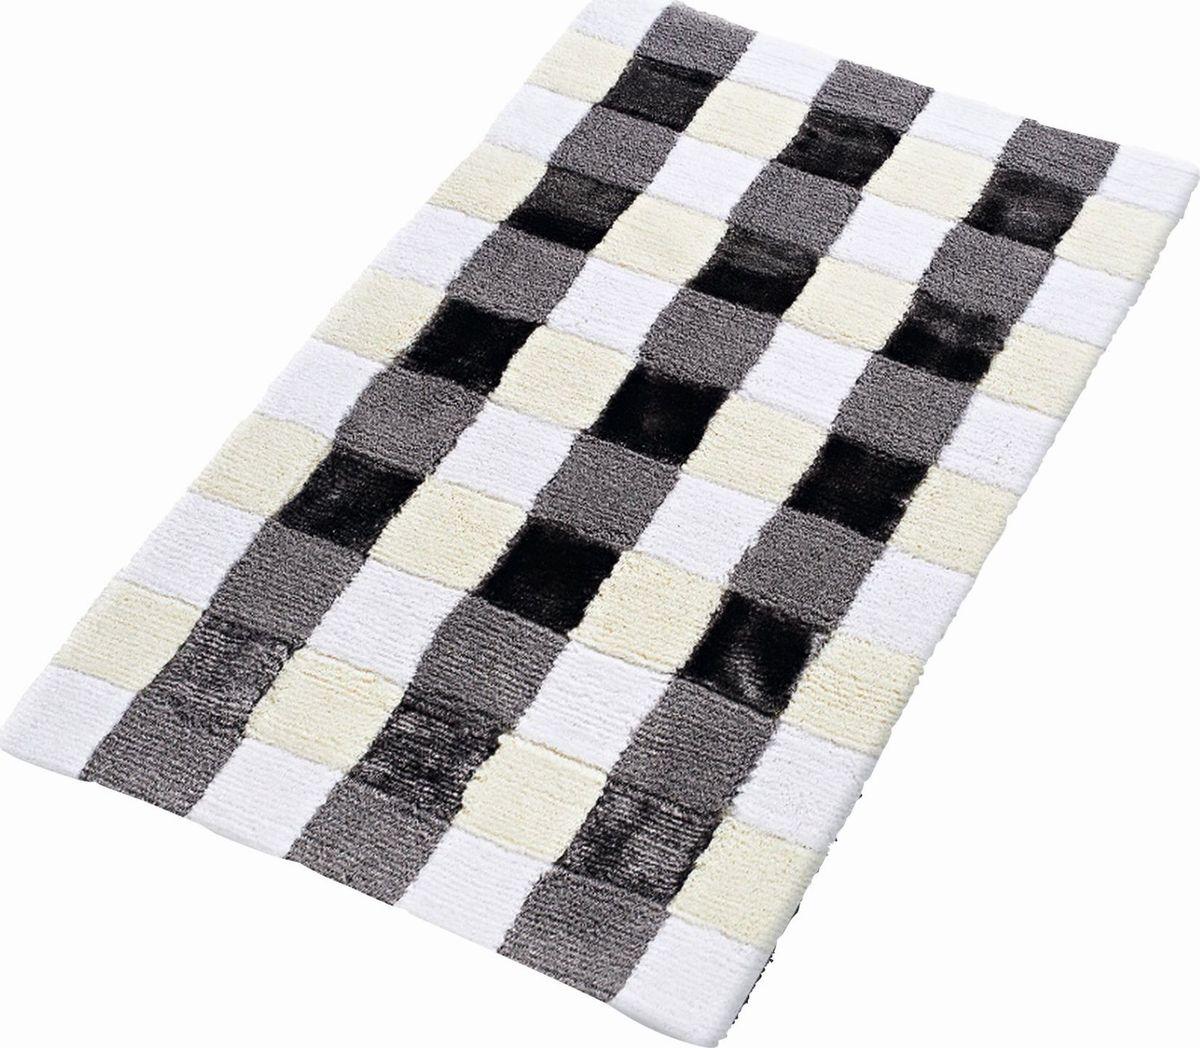 Коврик для ванной Ridder Carre, цвет: белый, черный, 70 х 120 см carre j the night manager